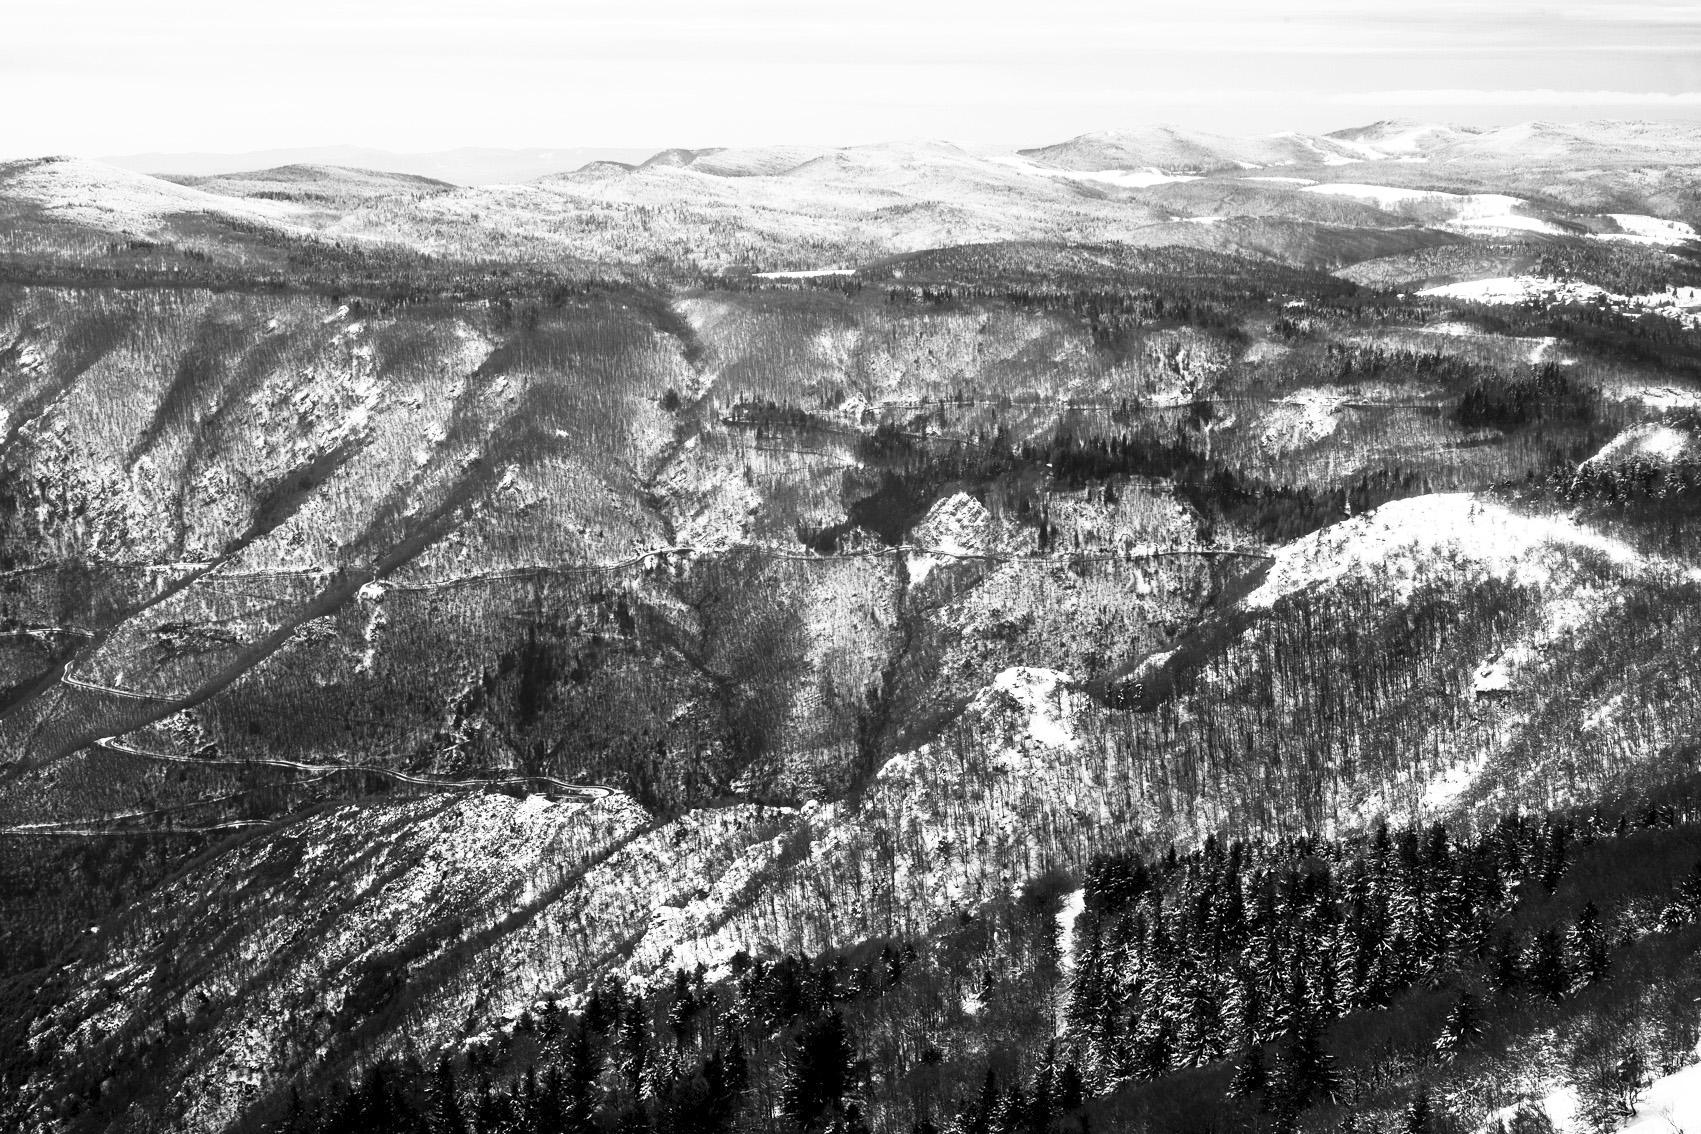 Vue de l'observatoire météorolique du Mont Aigoual, Gard, Lozère, France, 9 Janvier 2021